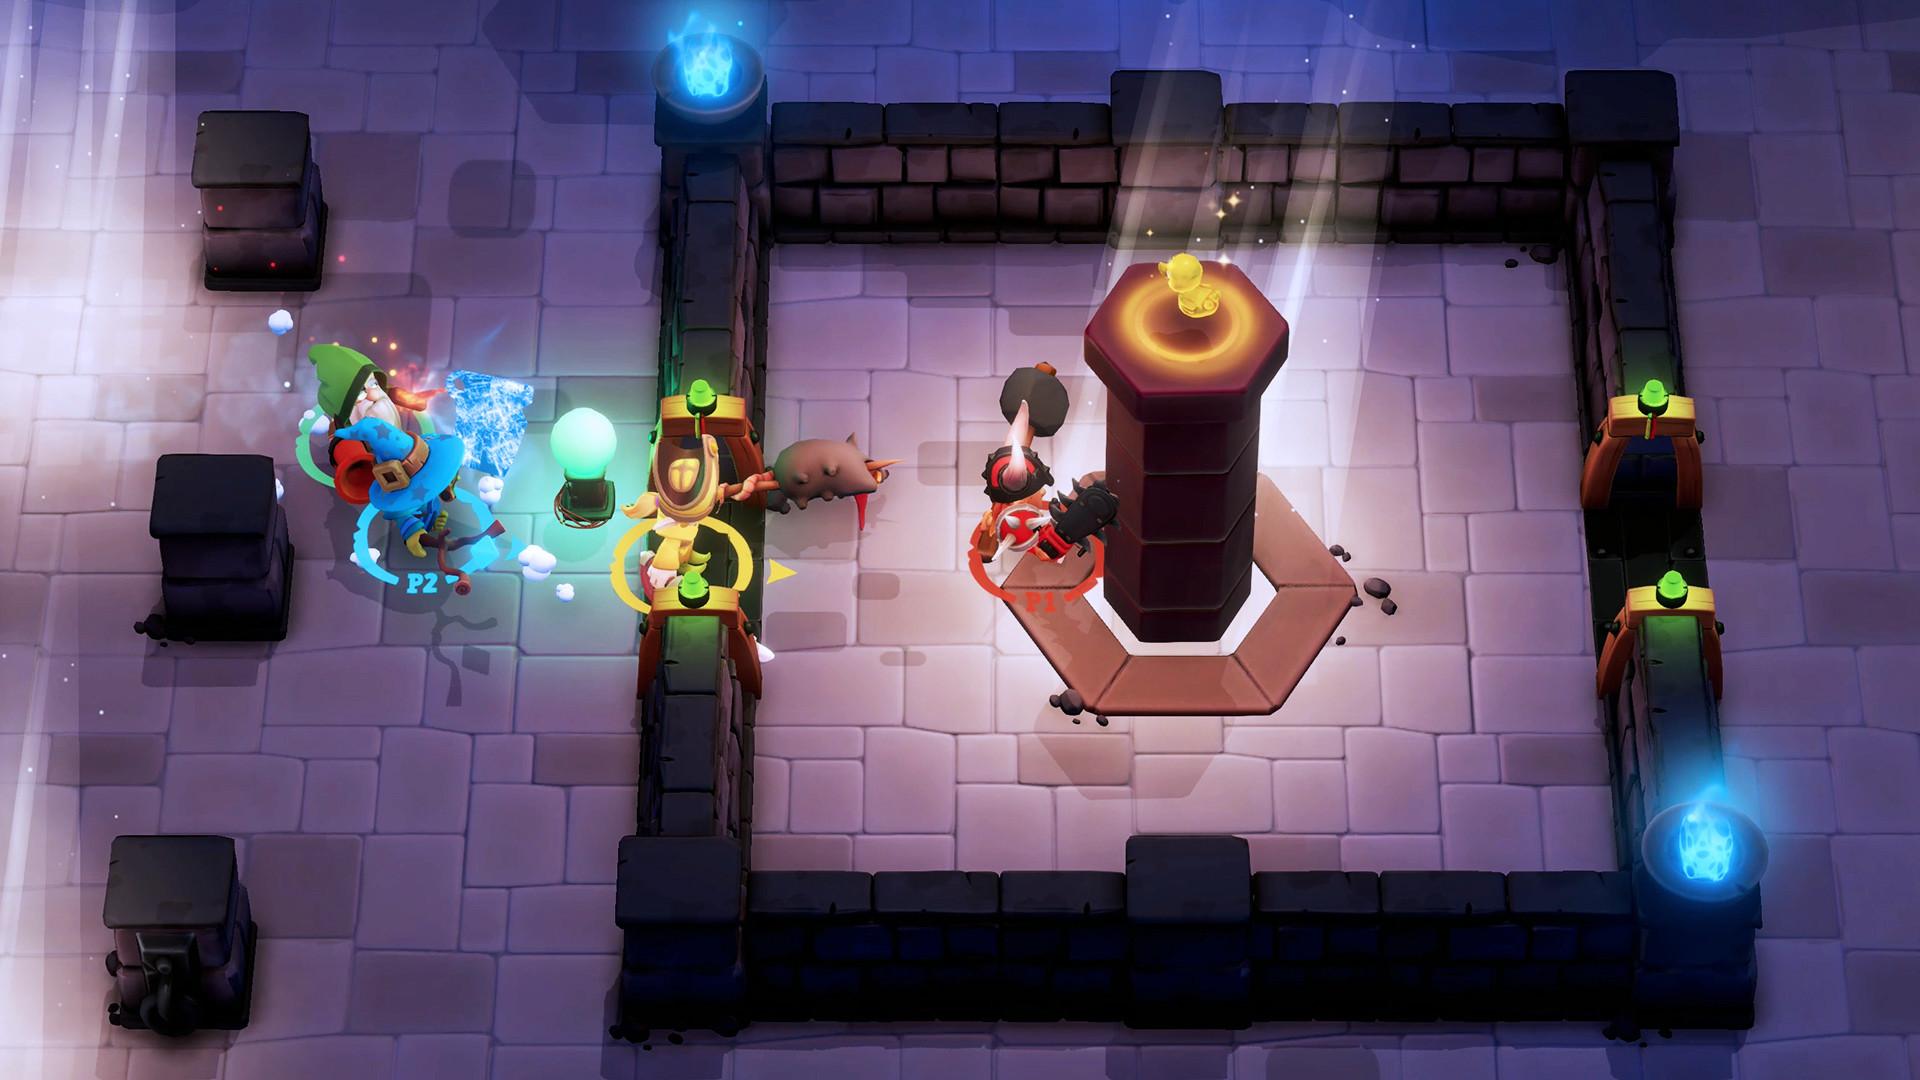 Jogo de ação cooperativo para 4 jogadores Munchkin: Quacked Quest anunciado para PC e ...